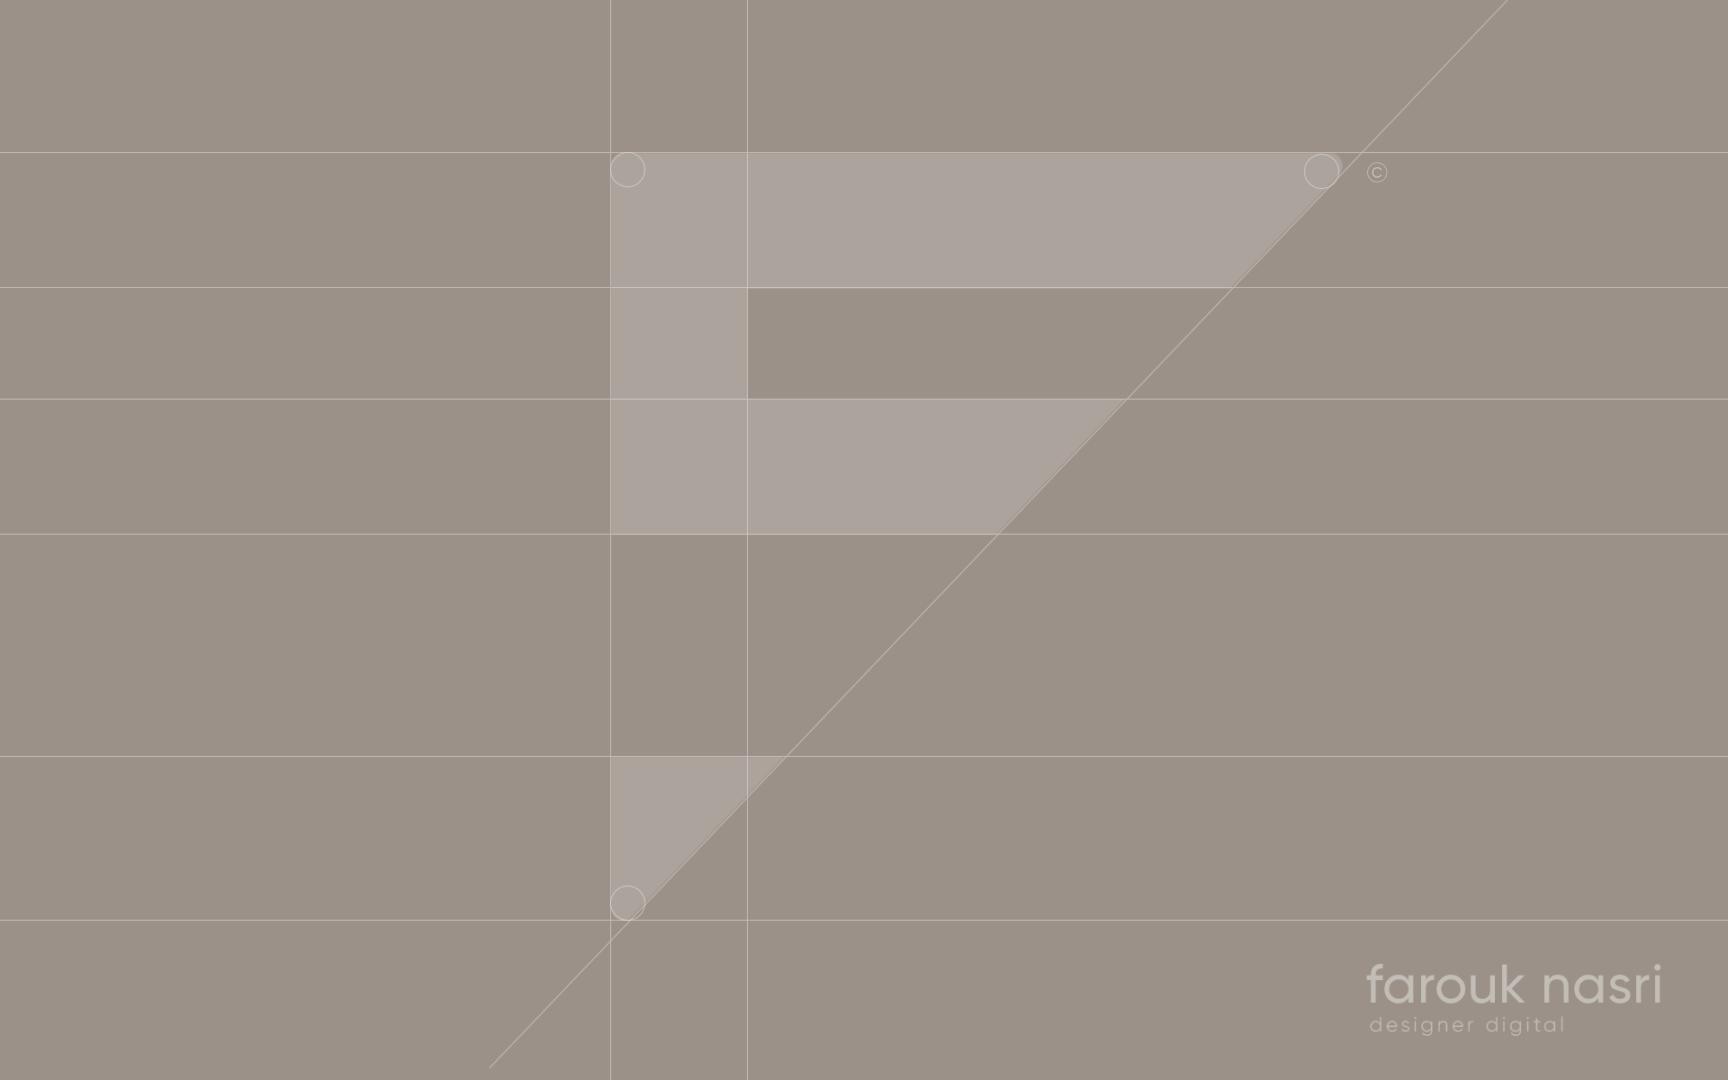 Vectorisation du logo Farouk Nasri sous Illustrator